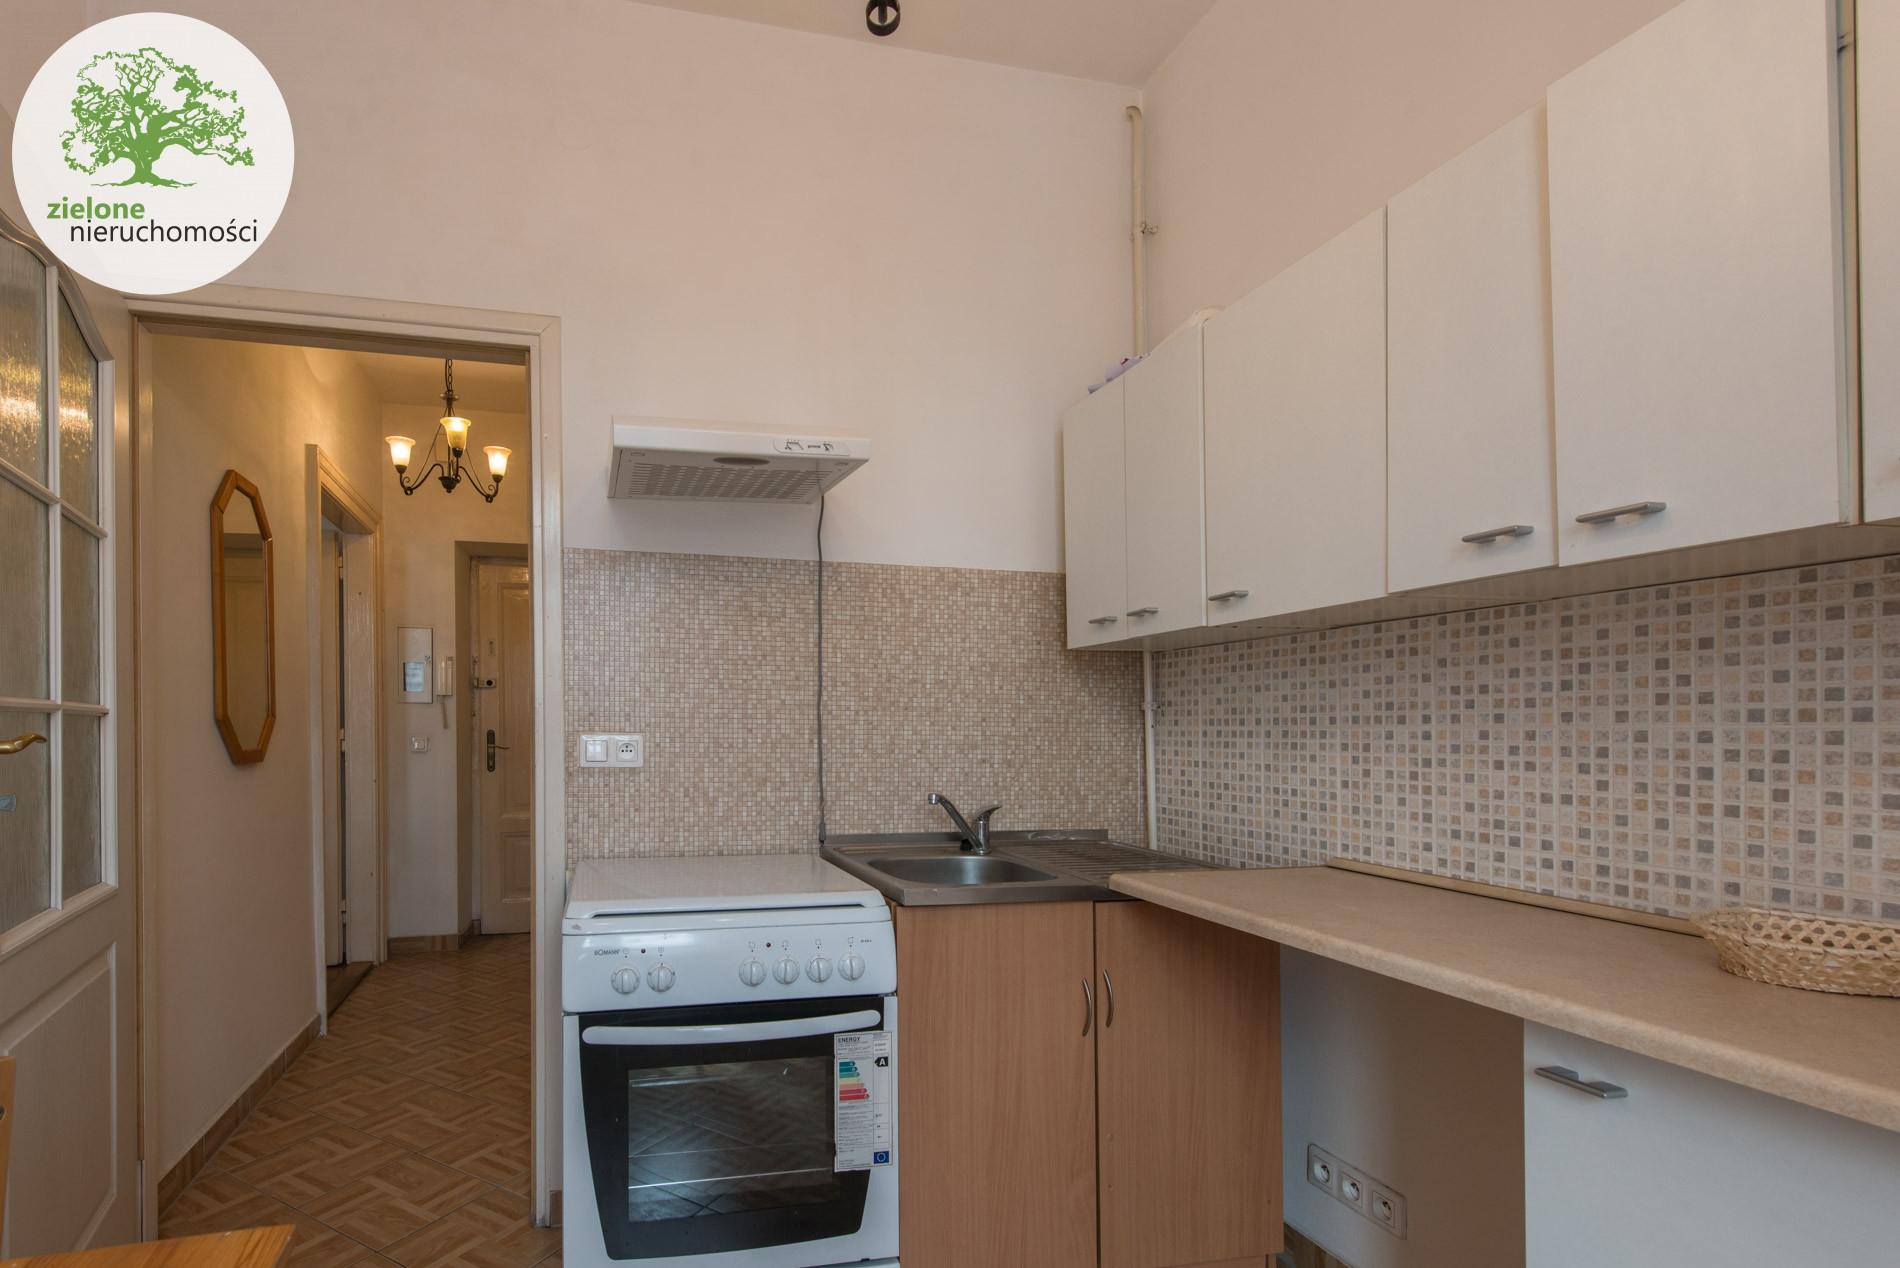 Zdjęcie 13Mieszkanie w kamienicy, w pobliżu Sfery